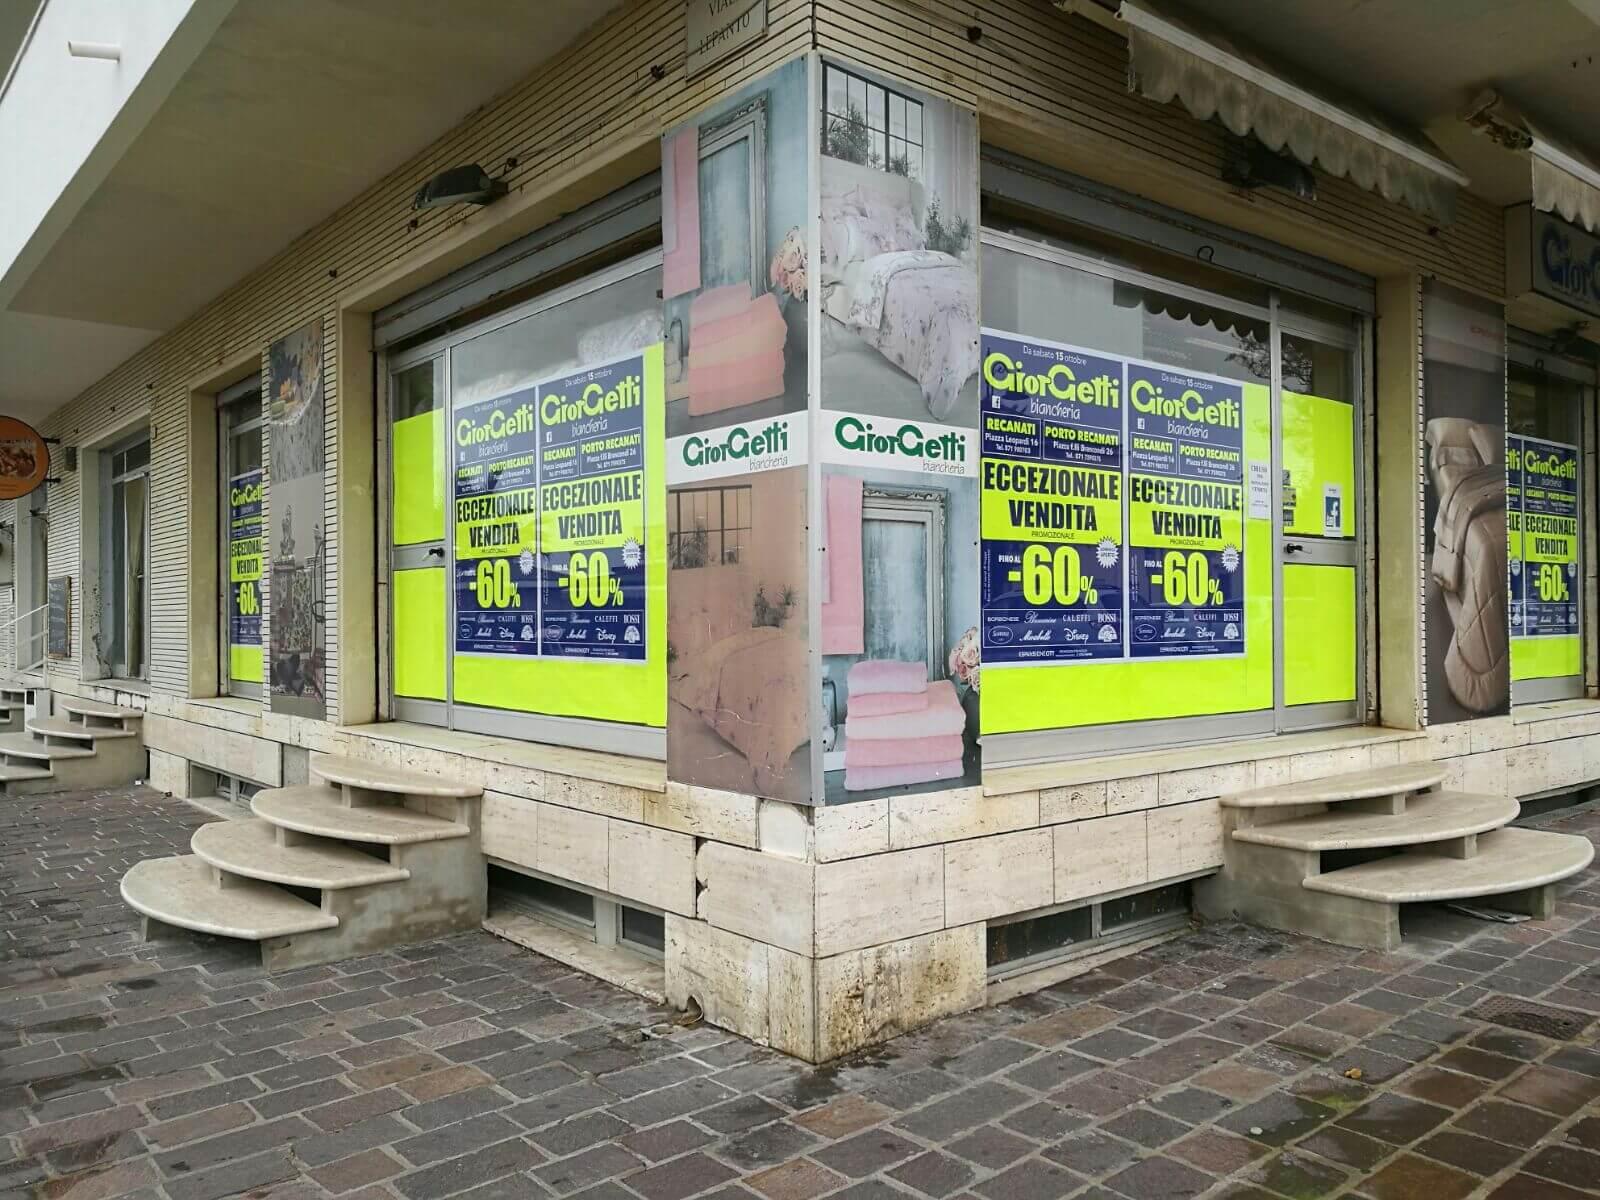 organizzazione-vendita-promozionale-porto-recanati-biancheria